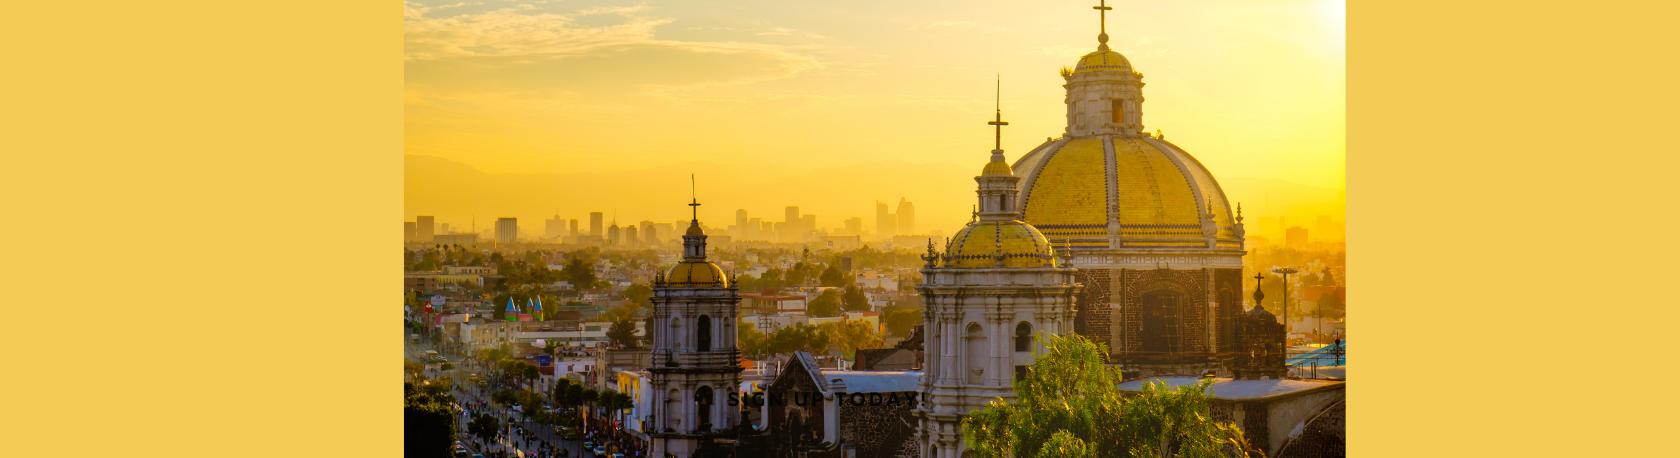 Let's Go to Mexico: Ciudad de Mexico Virtual Visit - Easy Español